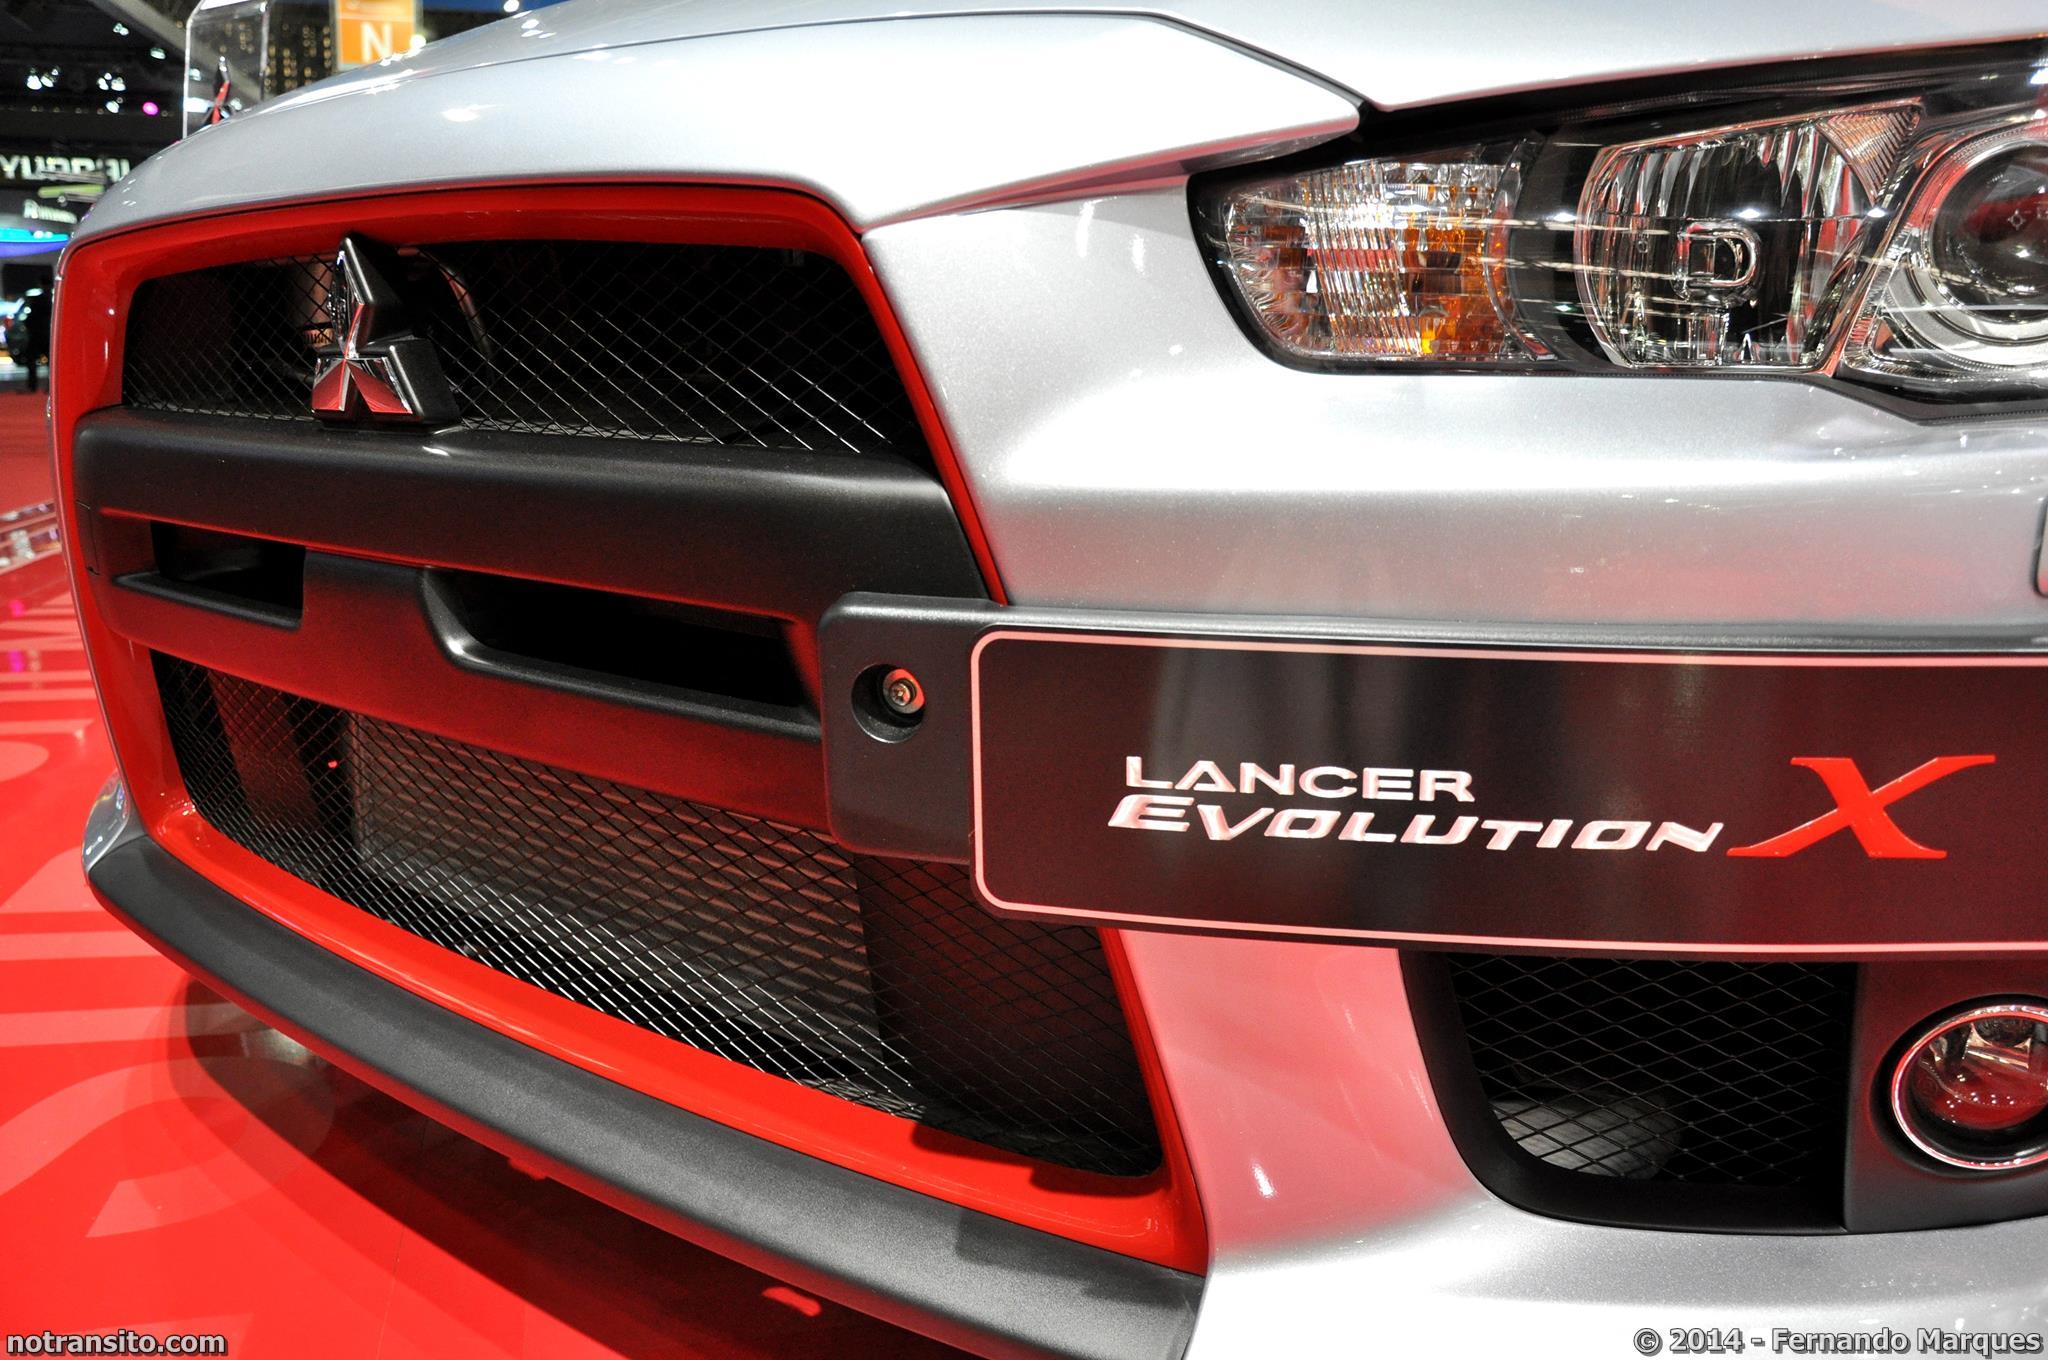 Salão do Automóvel de São Paulo 2014, 28º Salão do Automóvel de São Paulo, Mitsubishi Lancer Evolution X John Easton, John Easton, Evo X John Easton